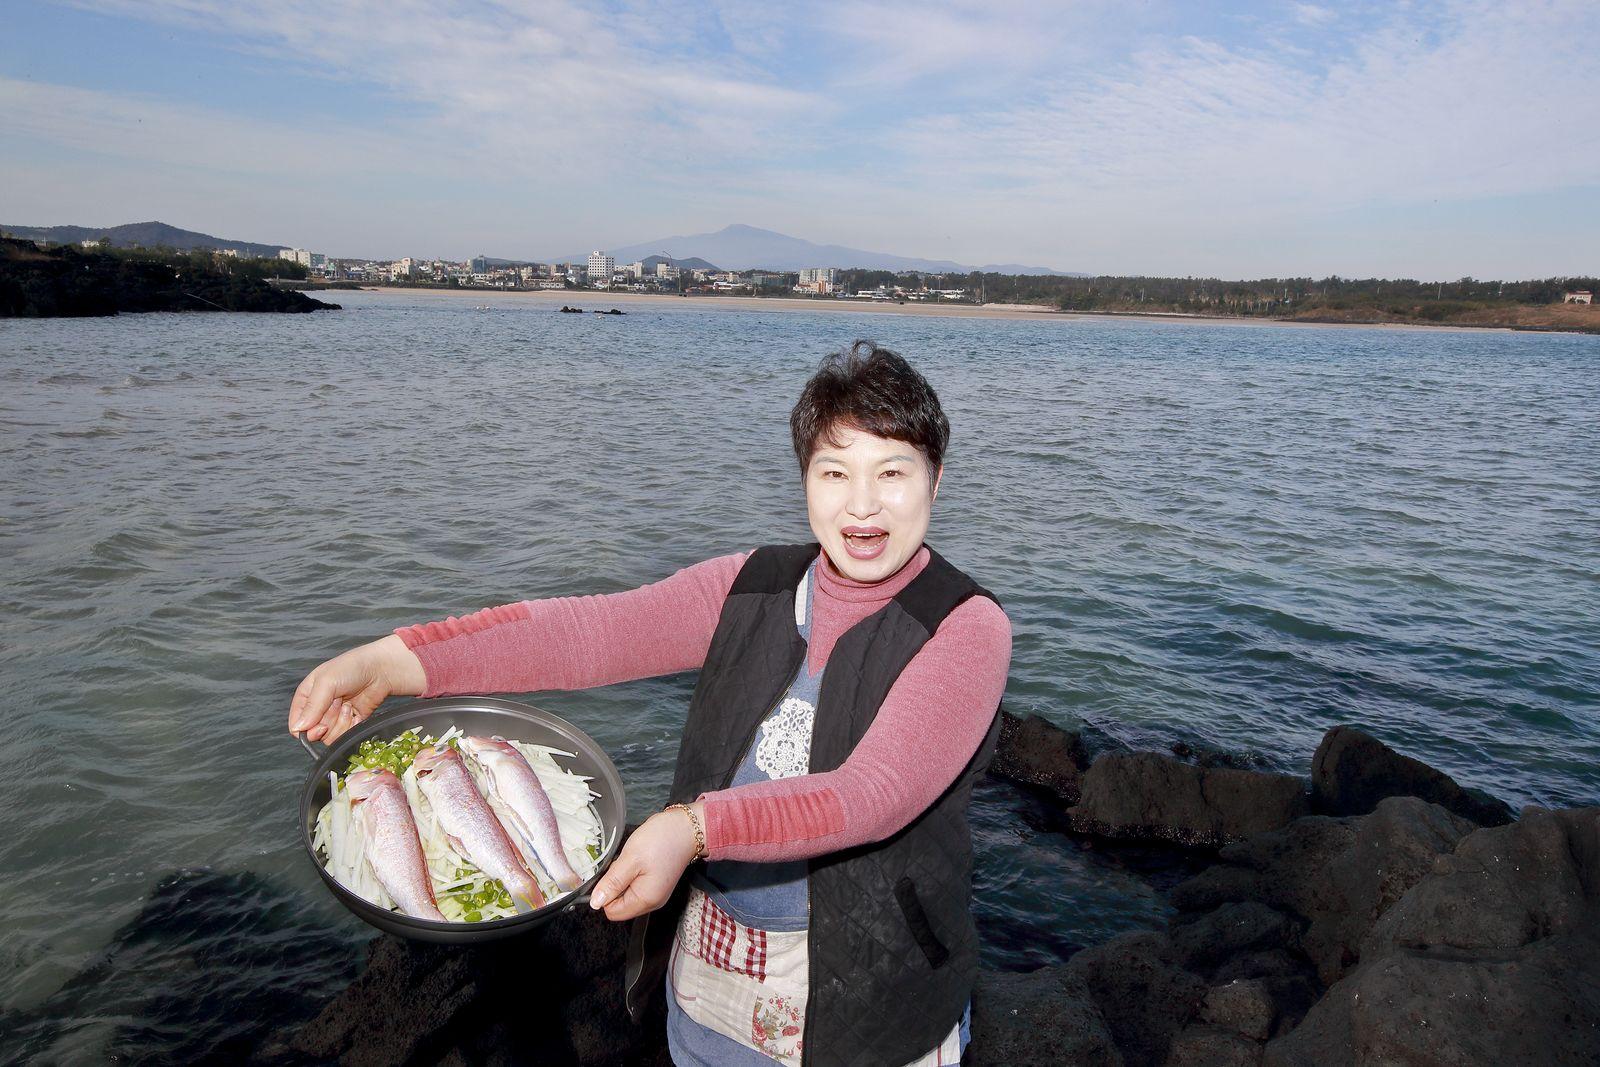 표선어촌식당 송금산(45) 사장이 제주 바다를 배경으로 옥돔국 재료들을 들어보이고 있다.